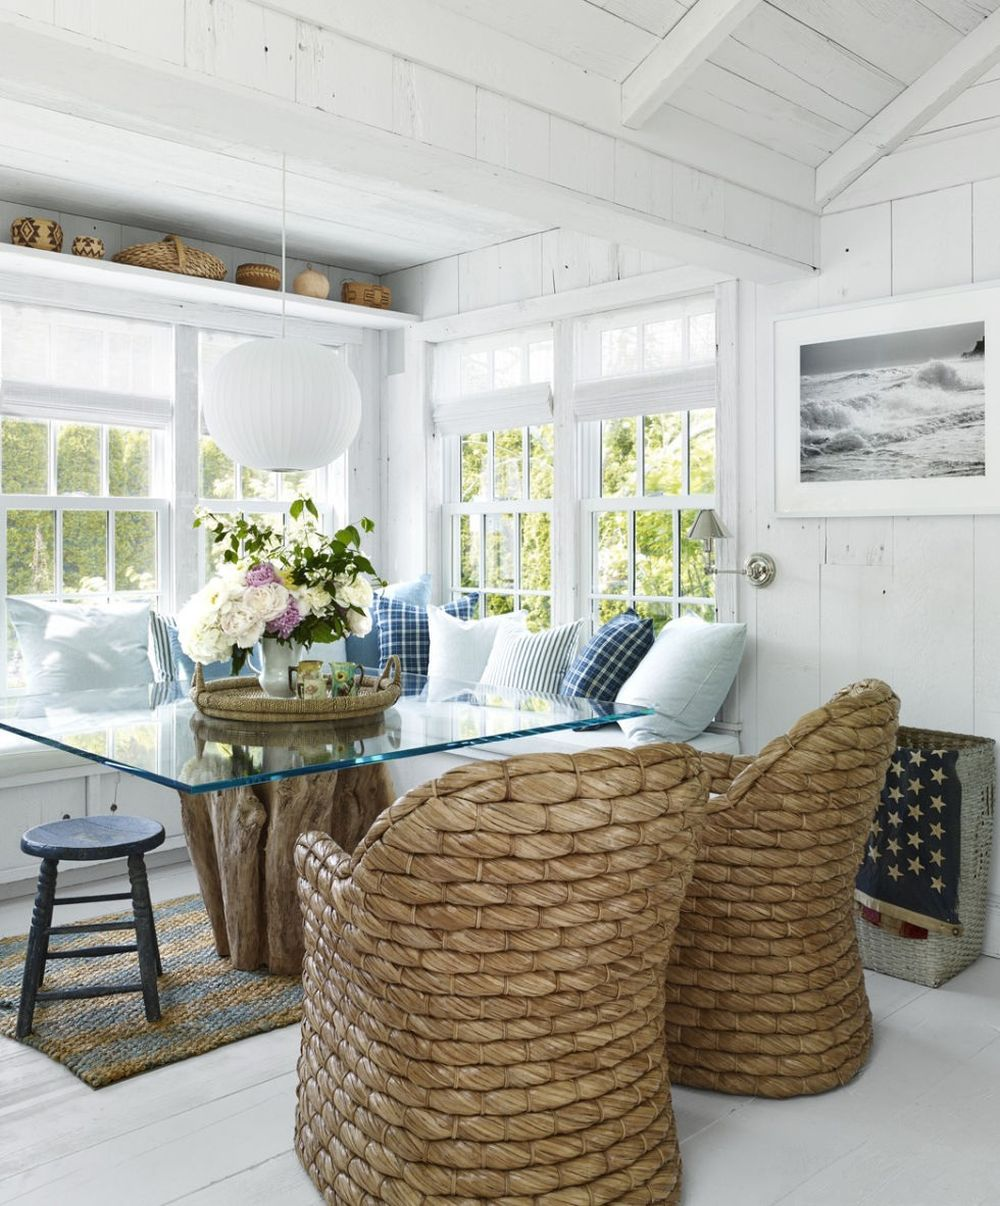 adelaparvu-com-despre-casa-de-vacanta-in-alb-si-albastru-designer-buffy-birrittella-foto-elle-decor-bjorn-wallander-3